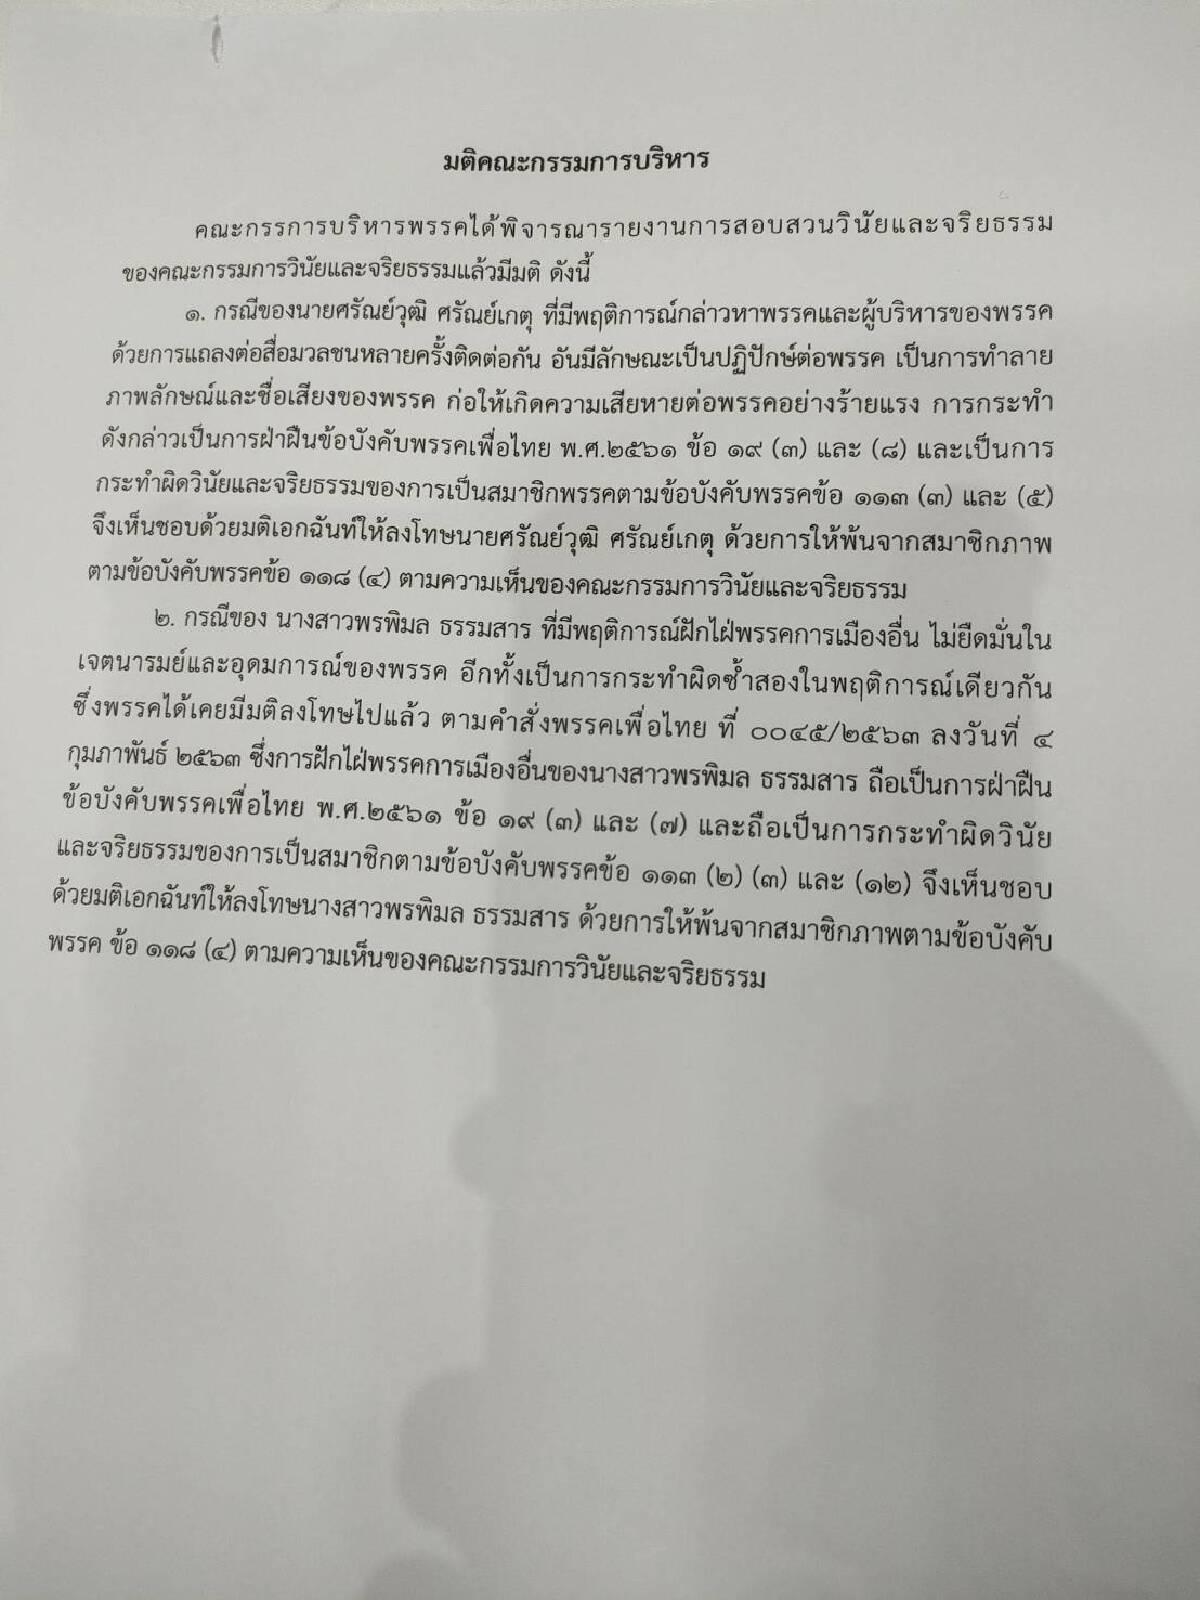 """ด่วน เพื่อไทย ลงมติ ขับ 2 ส.ส. """"ศรัณย์วุฒิ -พรพิมล"""" พ้นพรรค"""